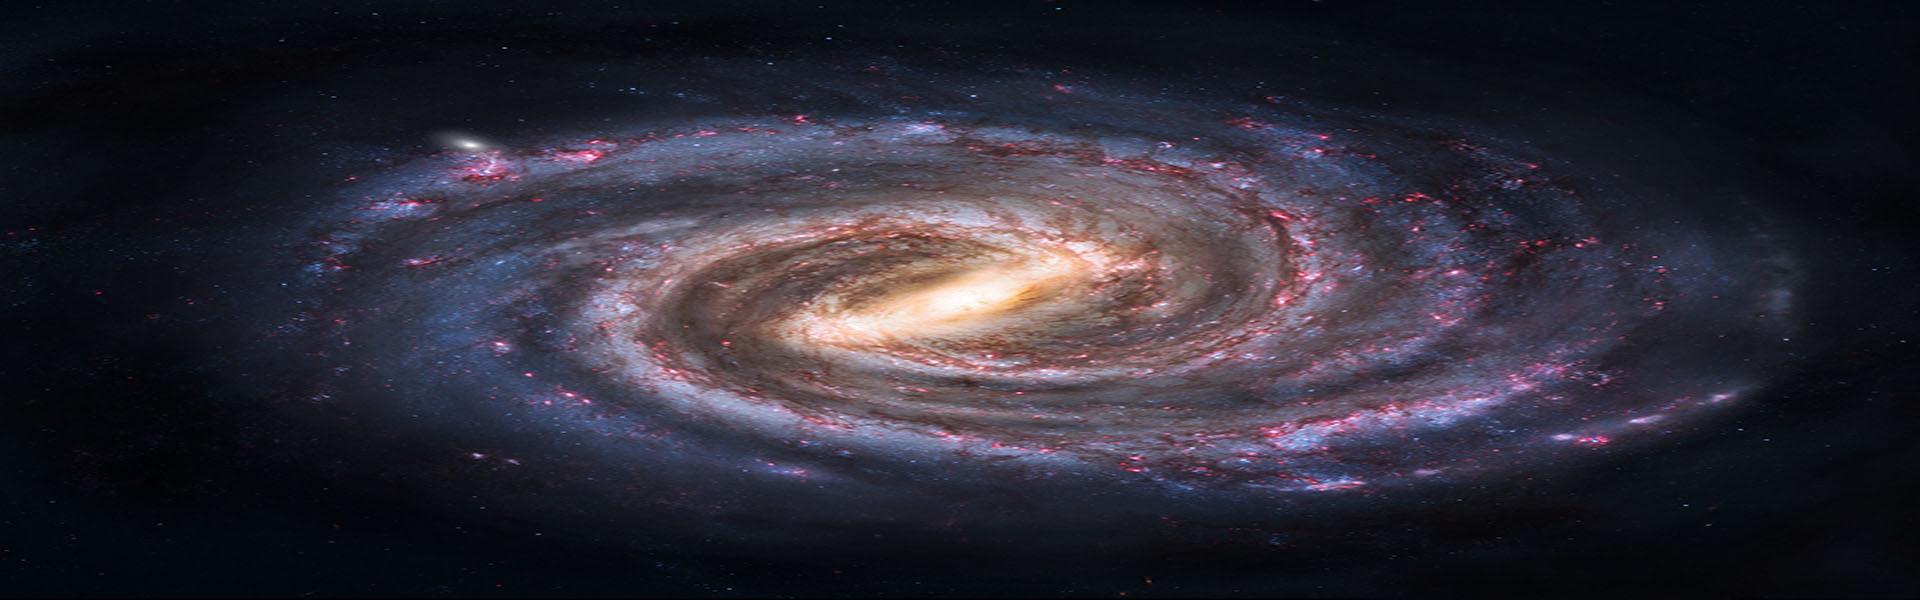 Floating Universe - Schiller